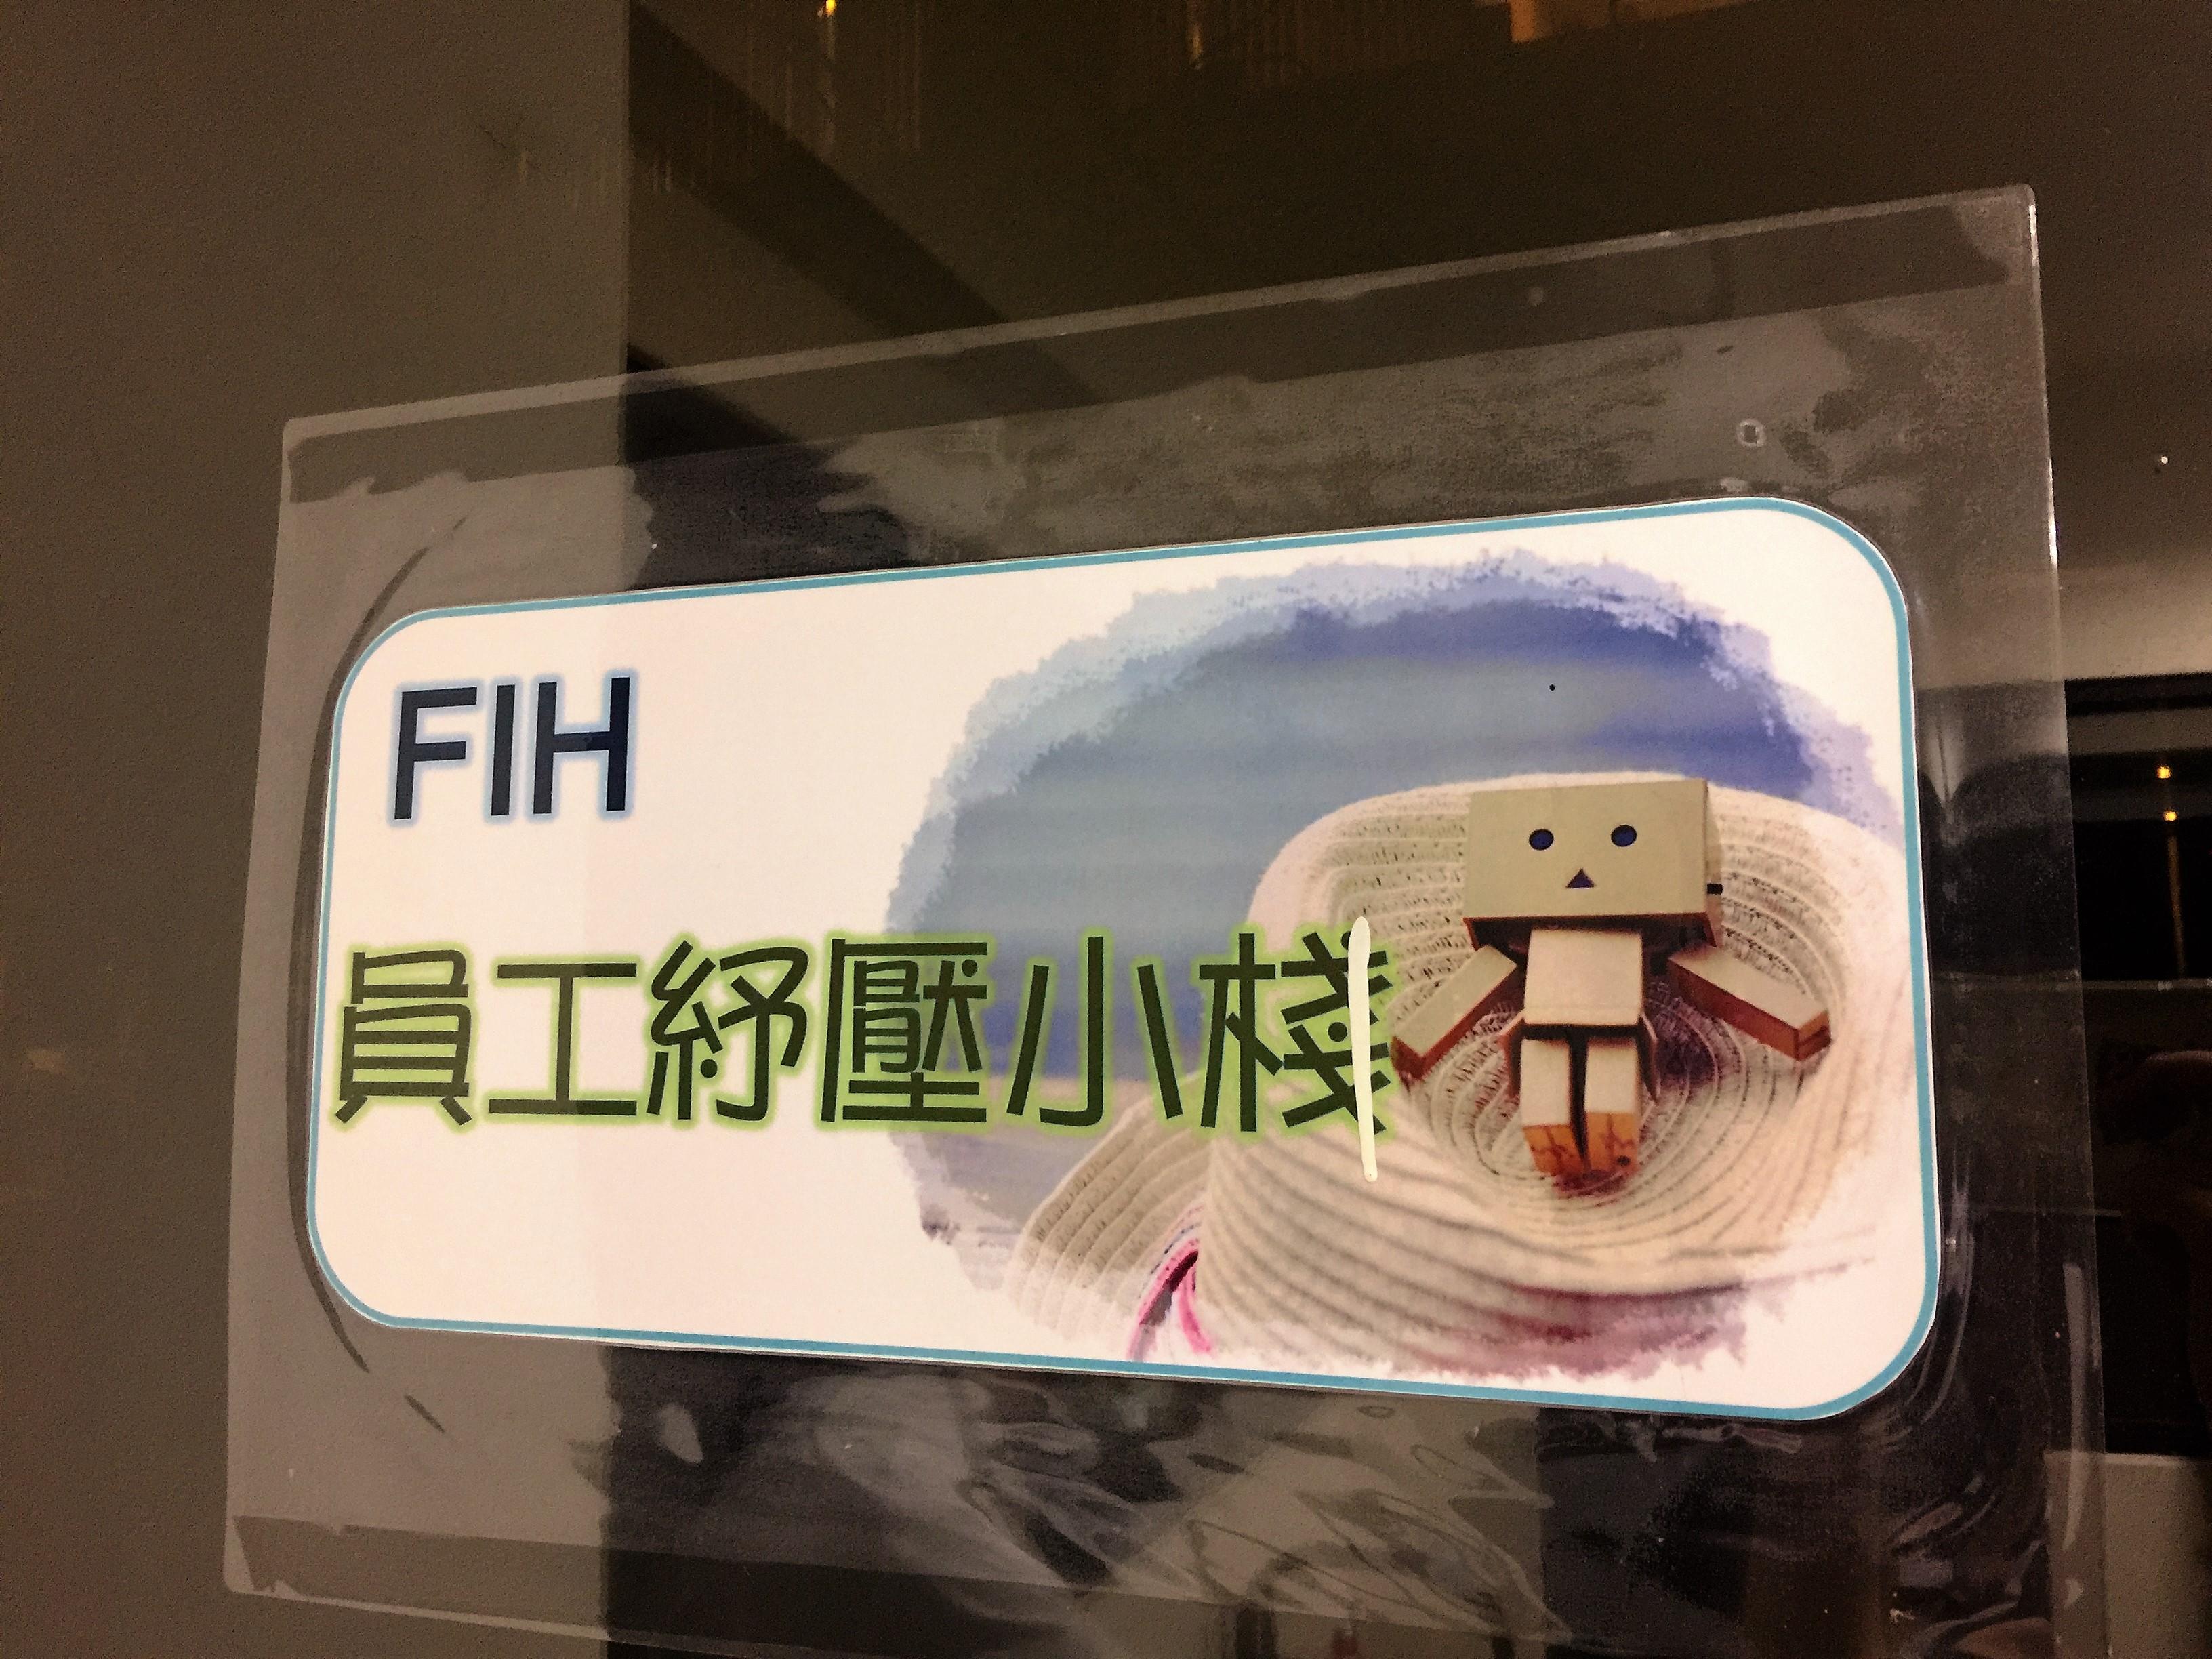 FIH員工紓壓小棧標誌